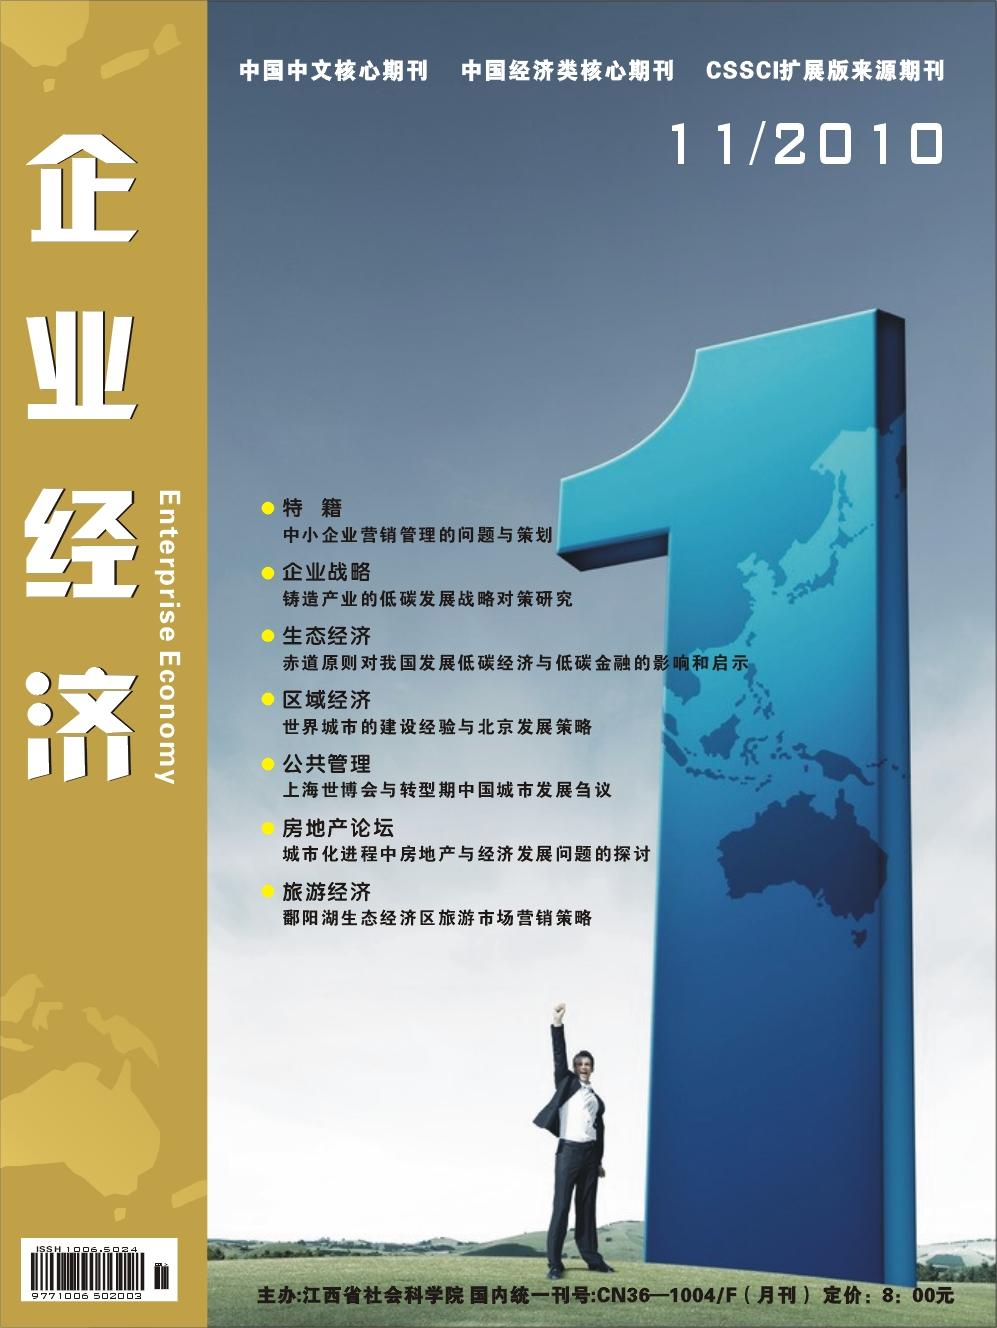 《企业经济》杂志封面设计_2570270_k68威客网图片